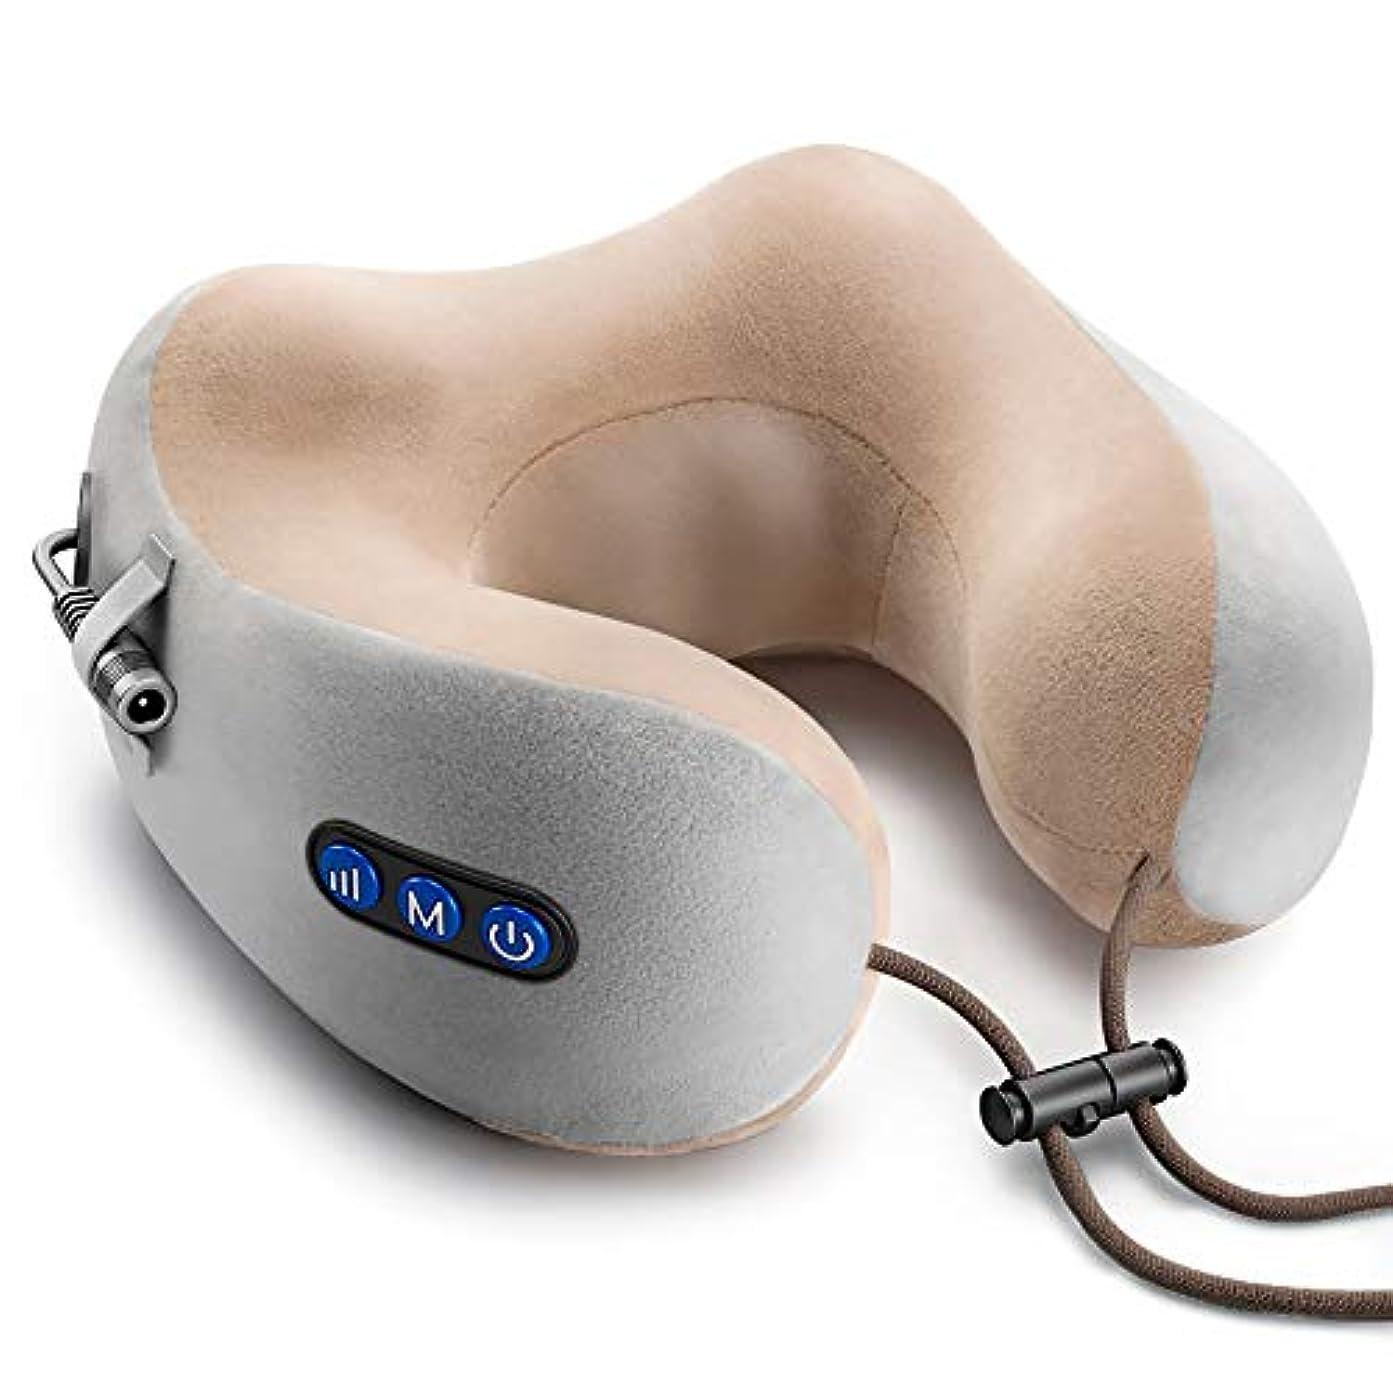 ファンタジー急流吹きさらし首マッサージャー ネックマッサージャー U型 USB充電式 3モード 低反発ネックマッサージピロー 自動オフ機能 肩こり ストレス解消 多機能 人間工学 日本語取扱説明書付 プレゼント